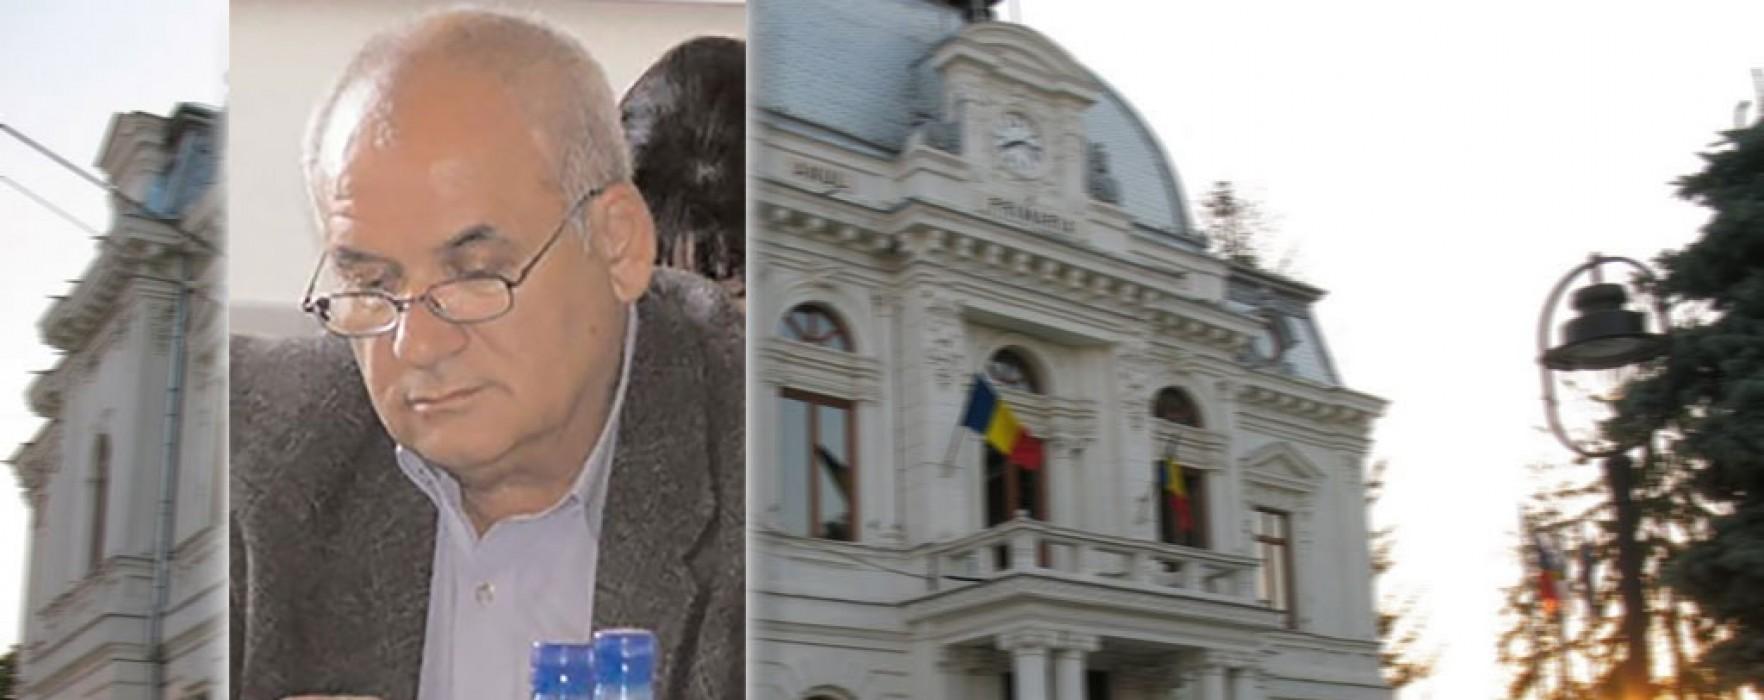 Fostul administrator public al Târgoviştei Marius Constantinescu, judecat pentru conflict de interese